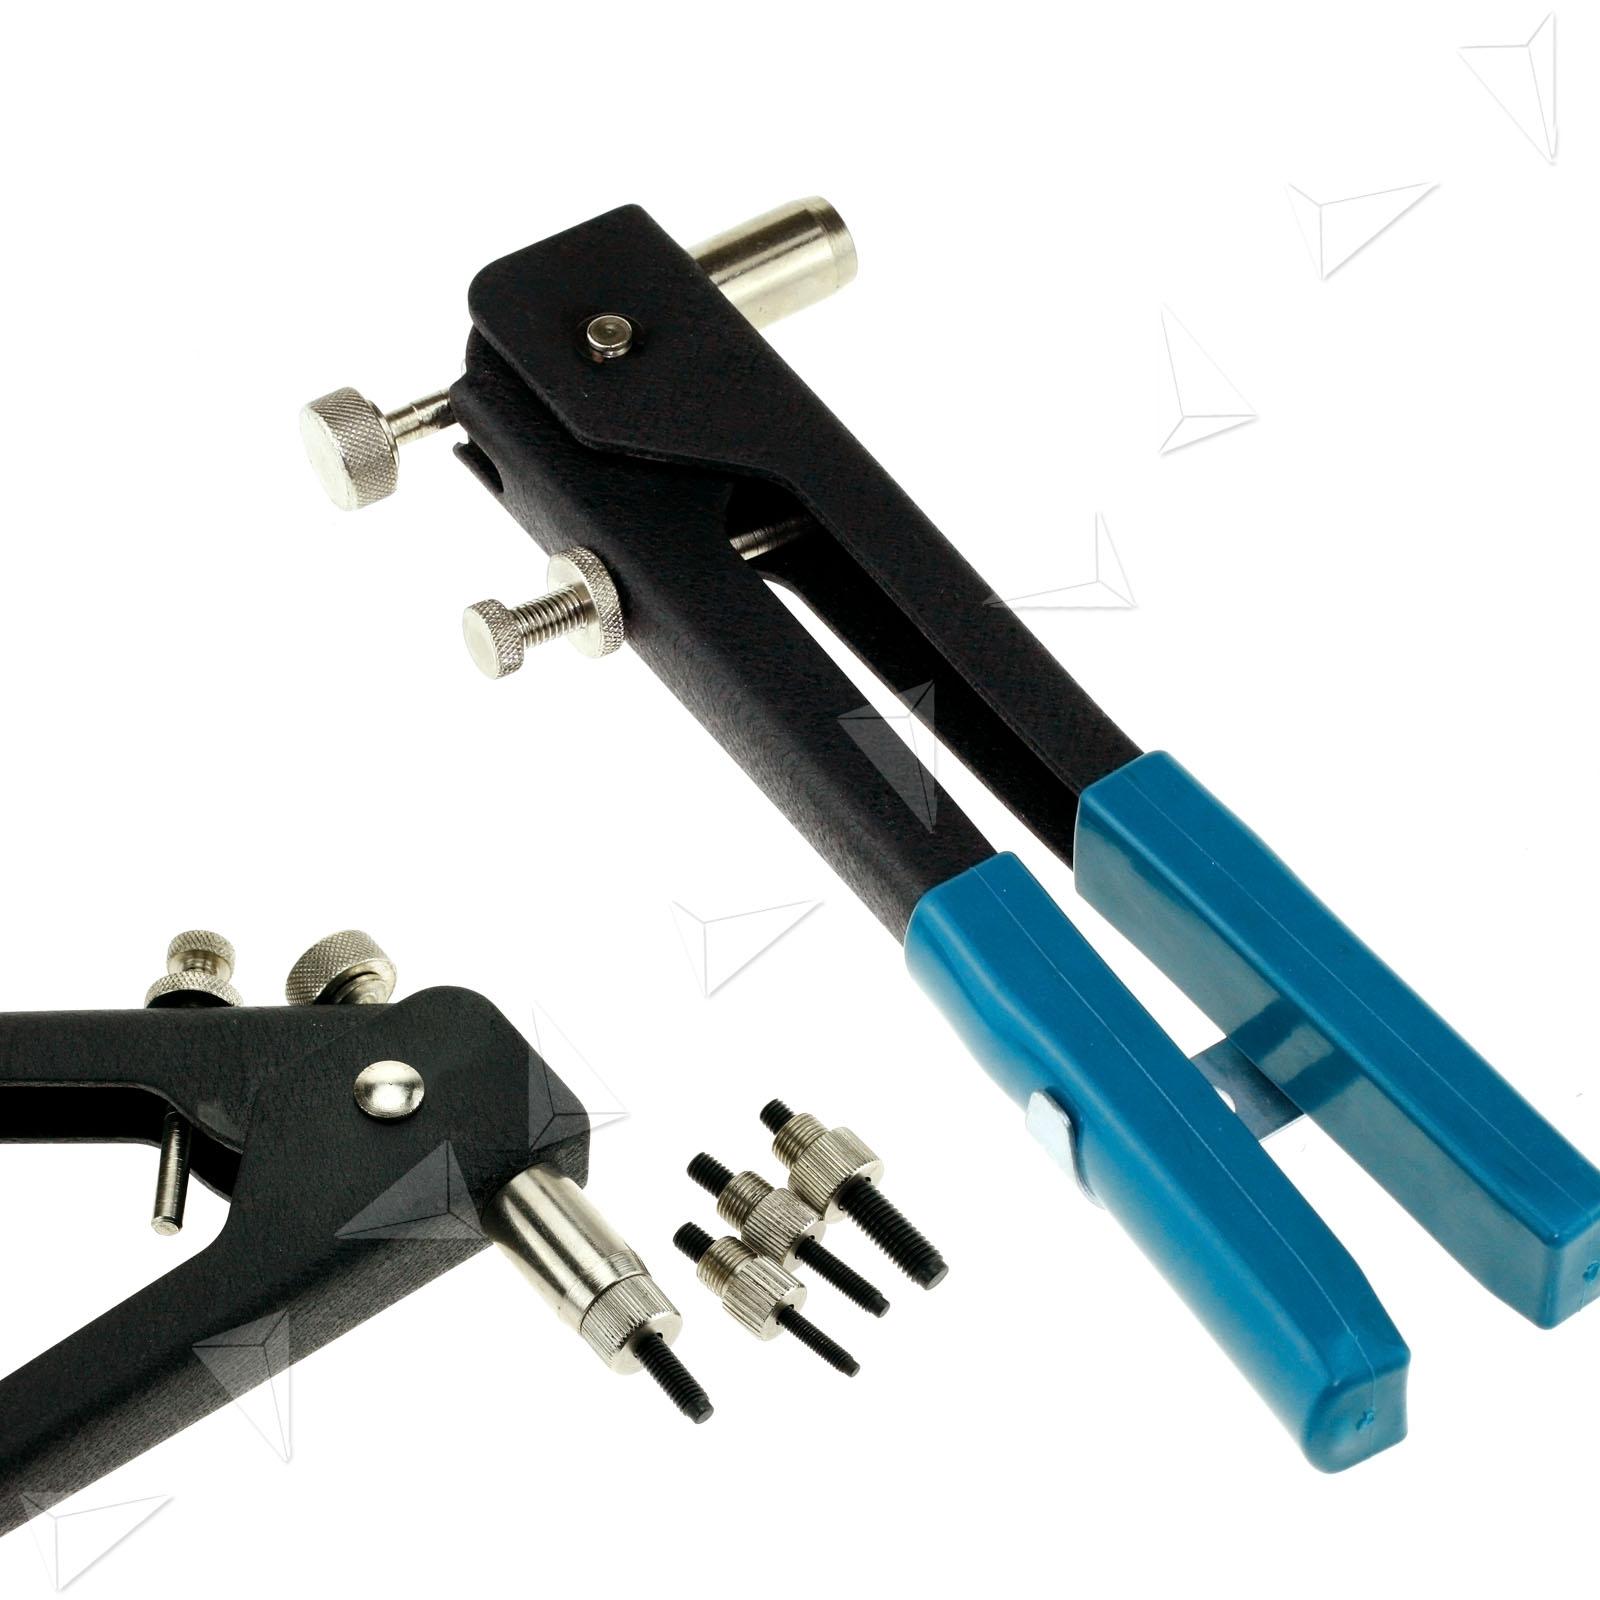 Sheet Metal Rivet Tool : Hand rivet tool threaded riv nut riveter gun rivnut insert